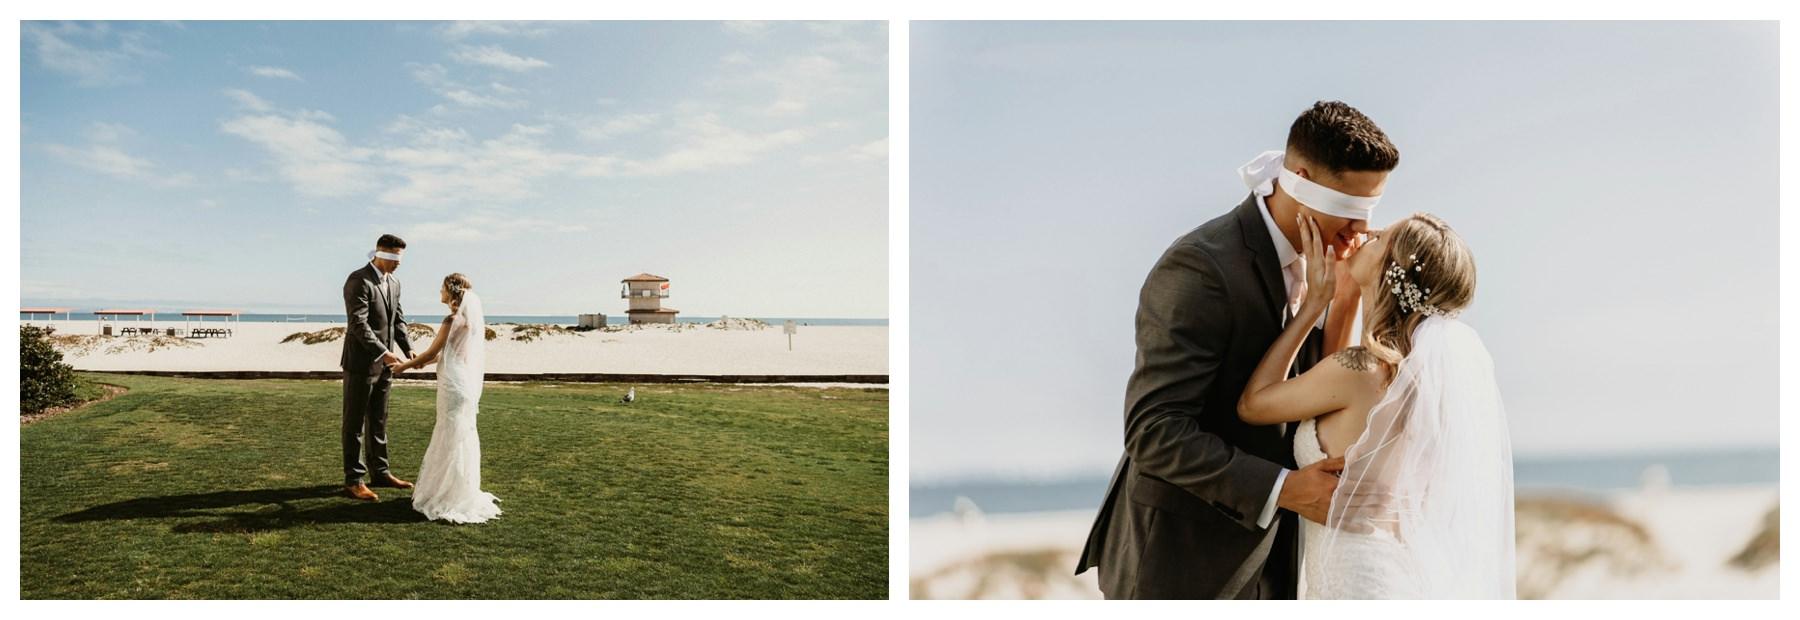 Coronado_Beach_Wedding_Singler_Photography_0016.jpg